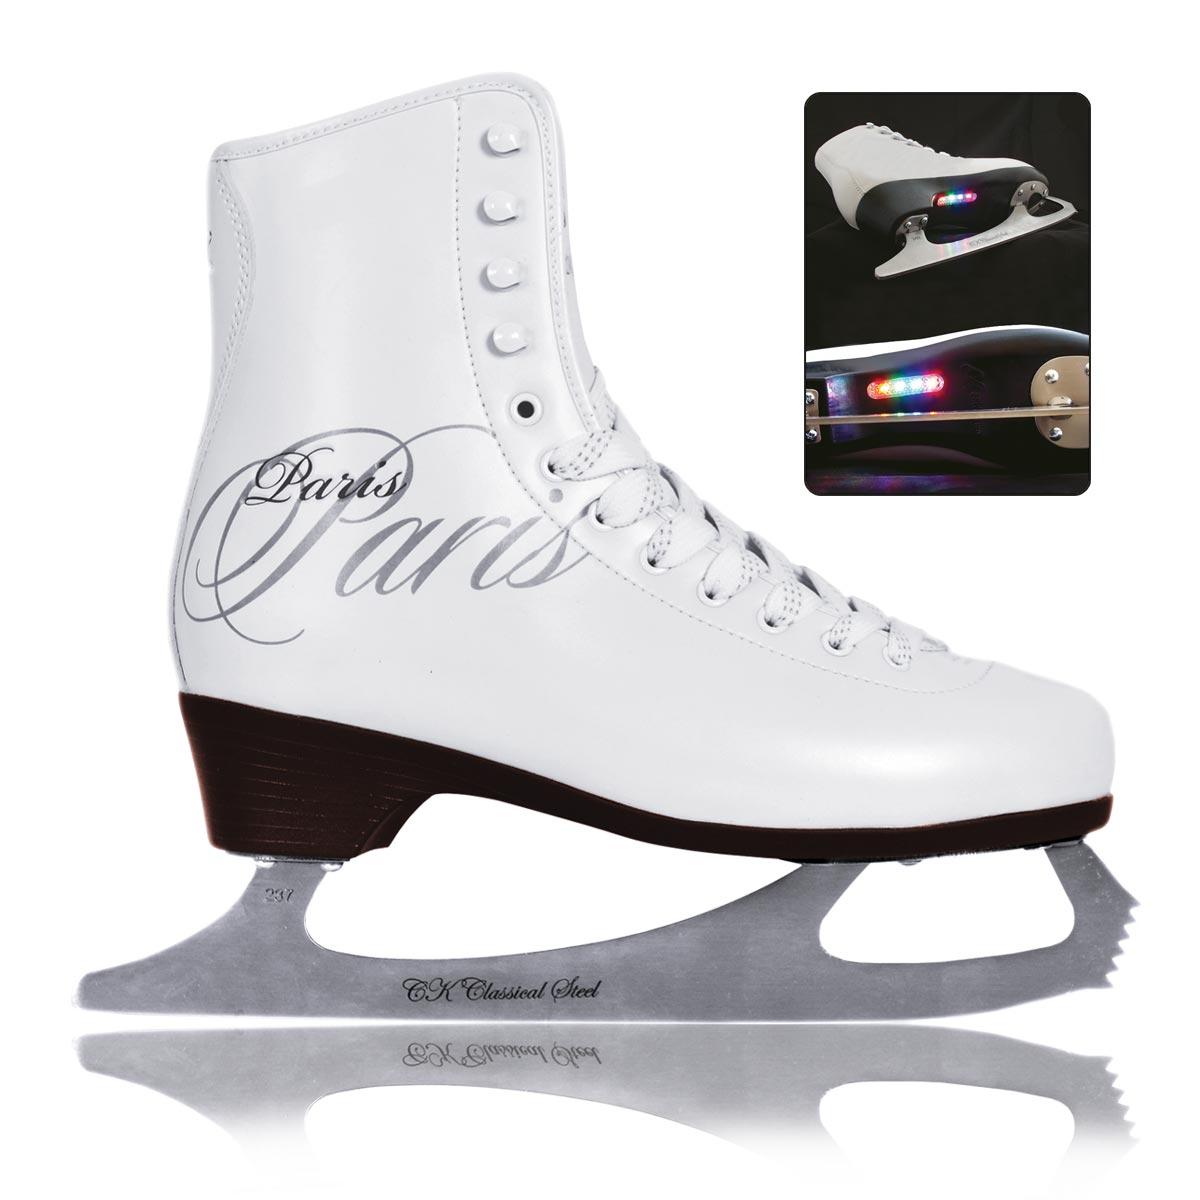 Коньки фигурные для девочки CK Paris Lux Tricot, цвет: белый. Размер 30